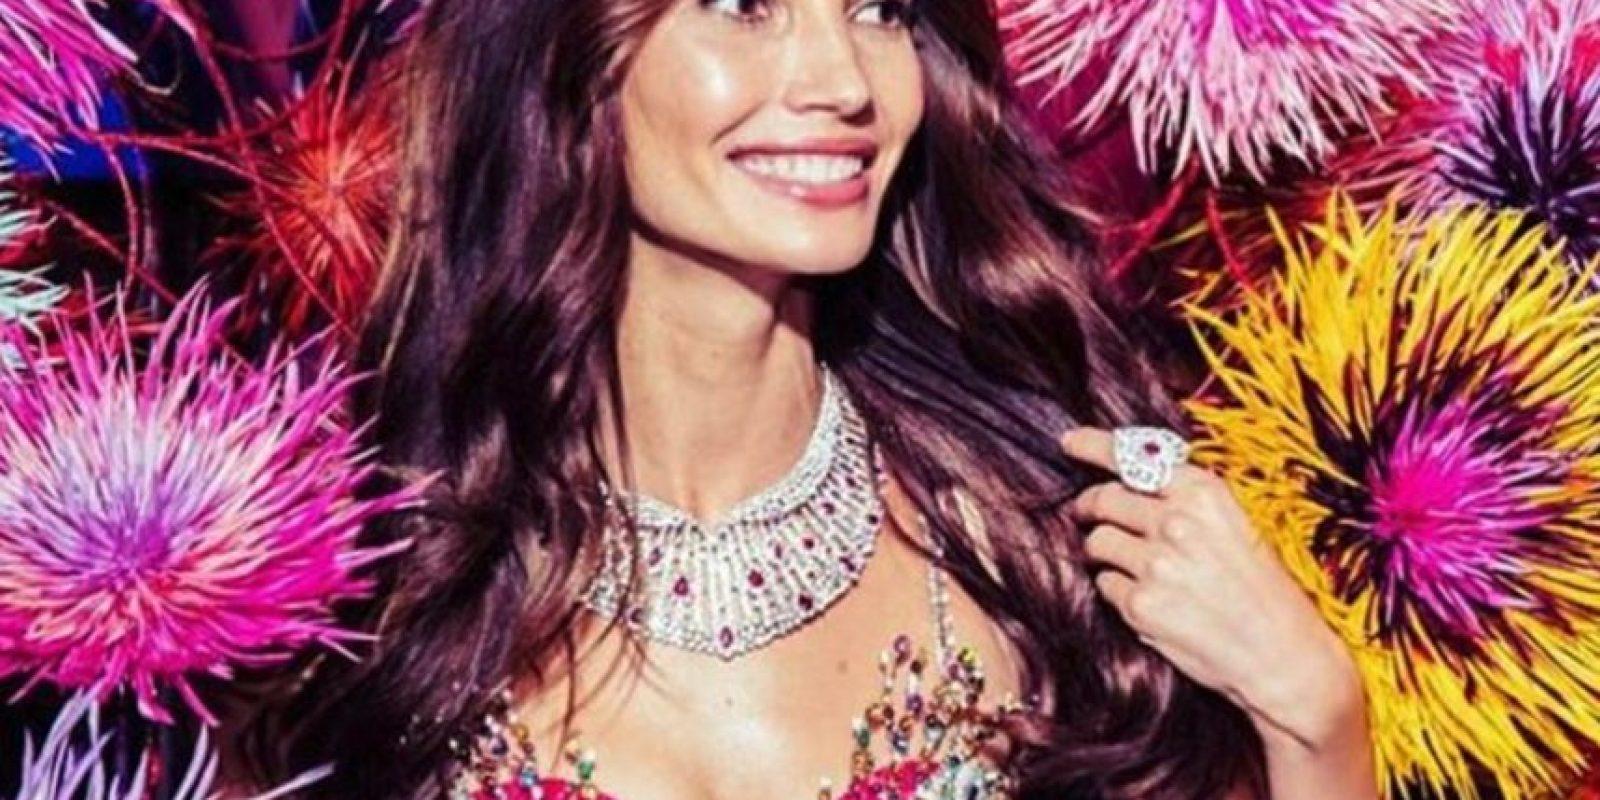 La modelo tiene 30 años Foto:Vía instagram.com/lilyaldridge